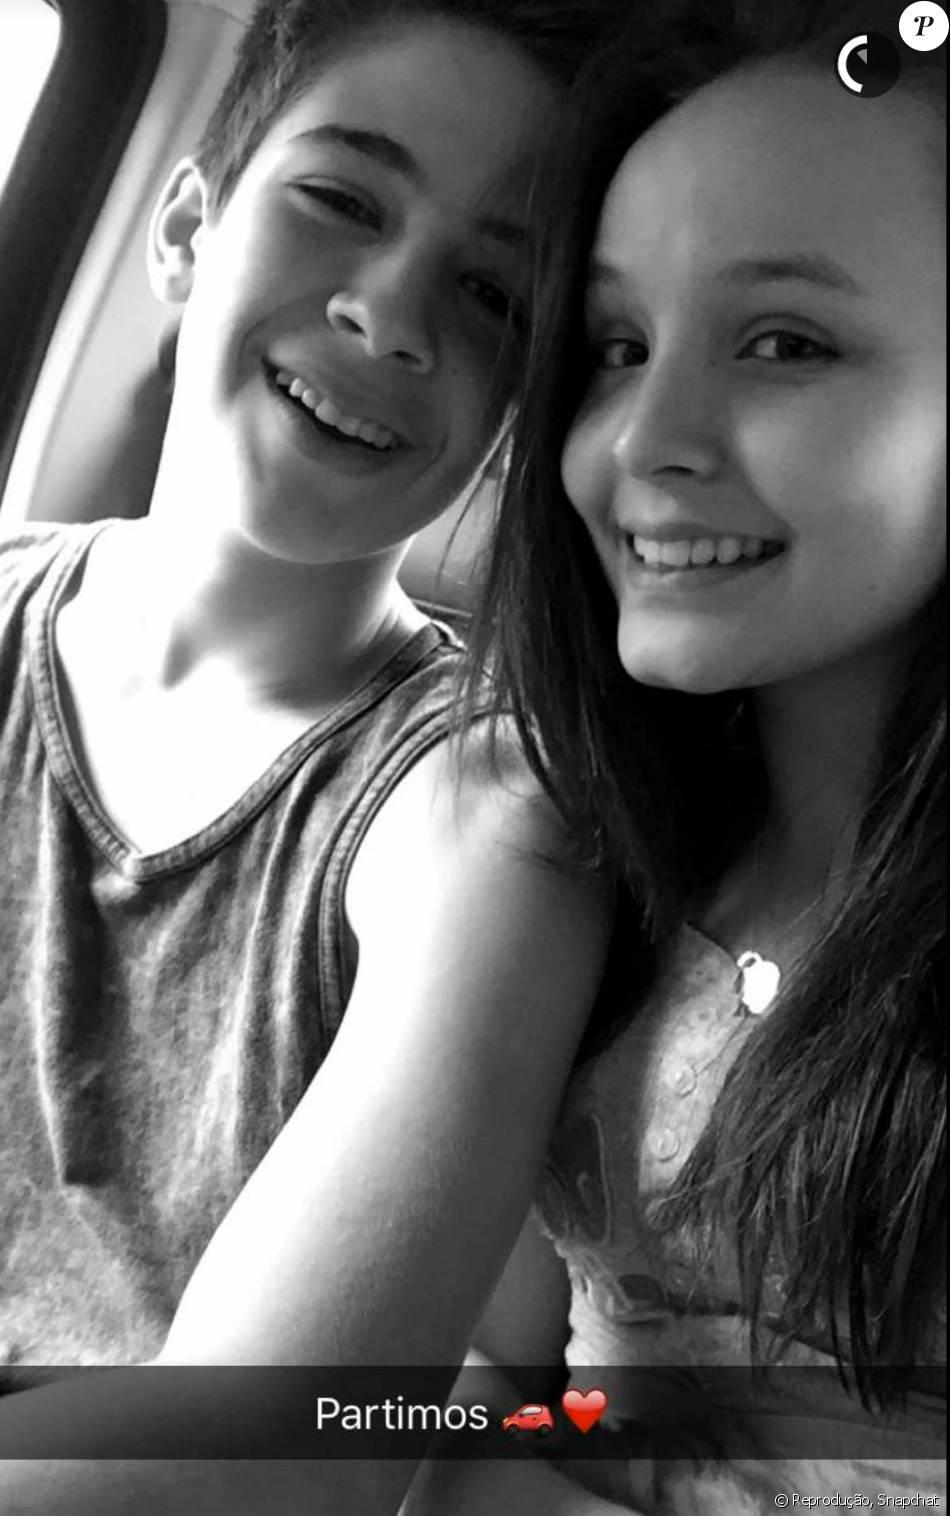 Larissa Manuela e João Guilherme viajarão juntos no Réveillon: eles postaram os preparativos da viagem nesta quarta-feira, dia 30 de dezembro, no Snapchat